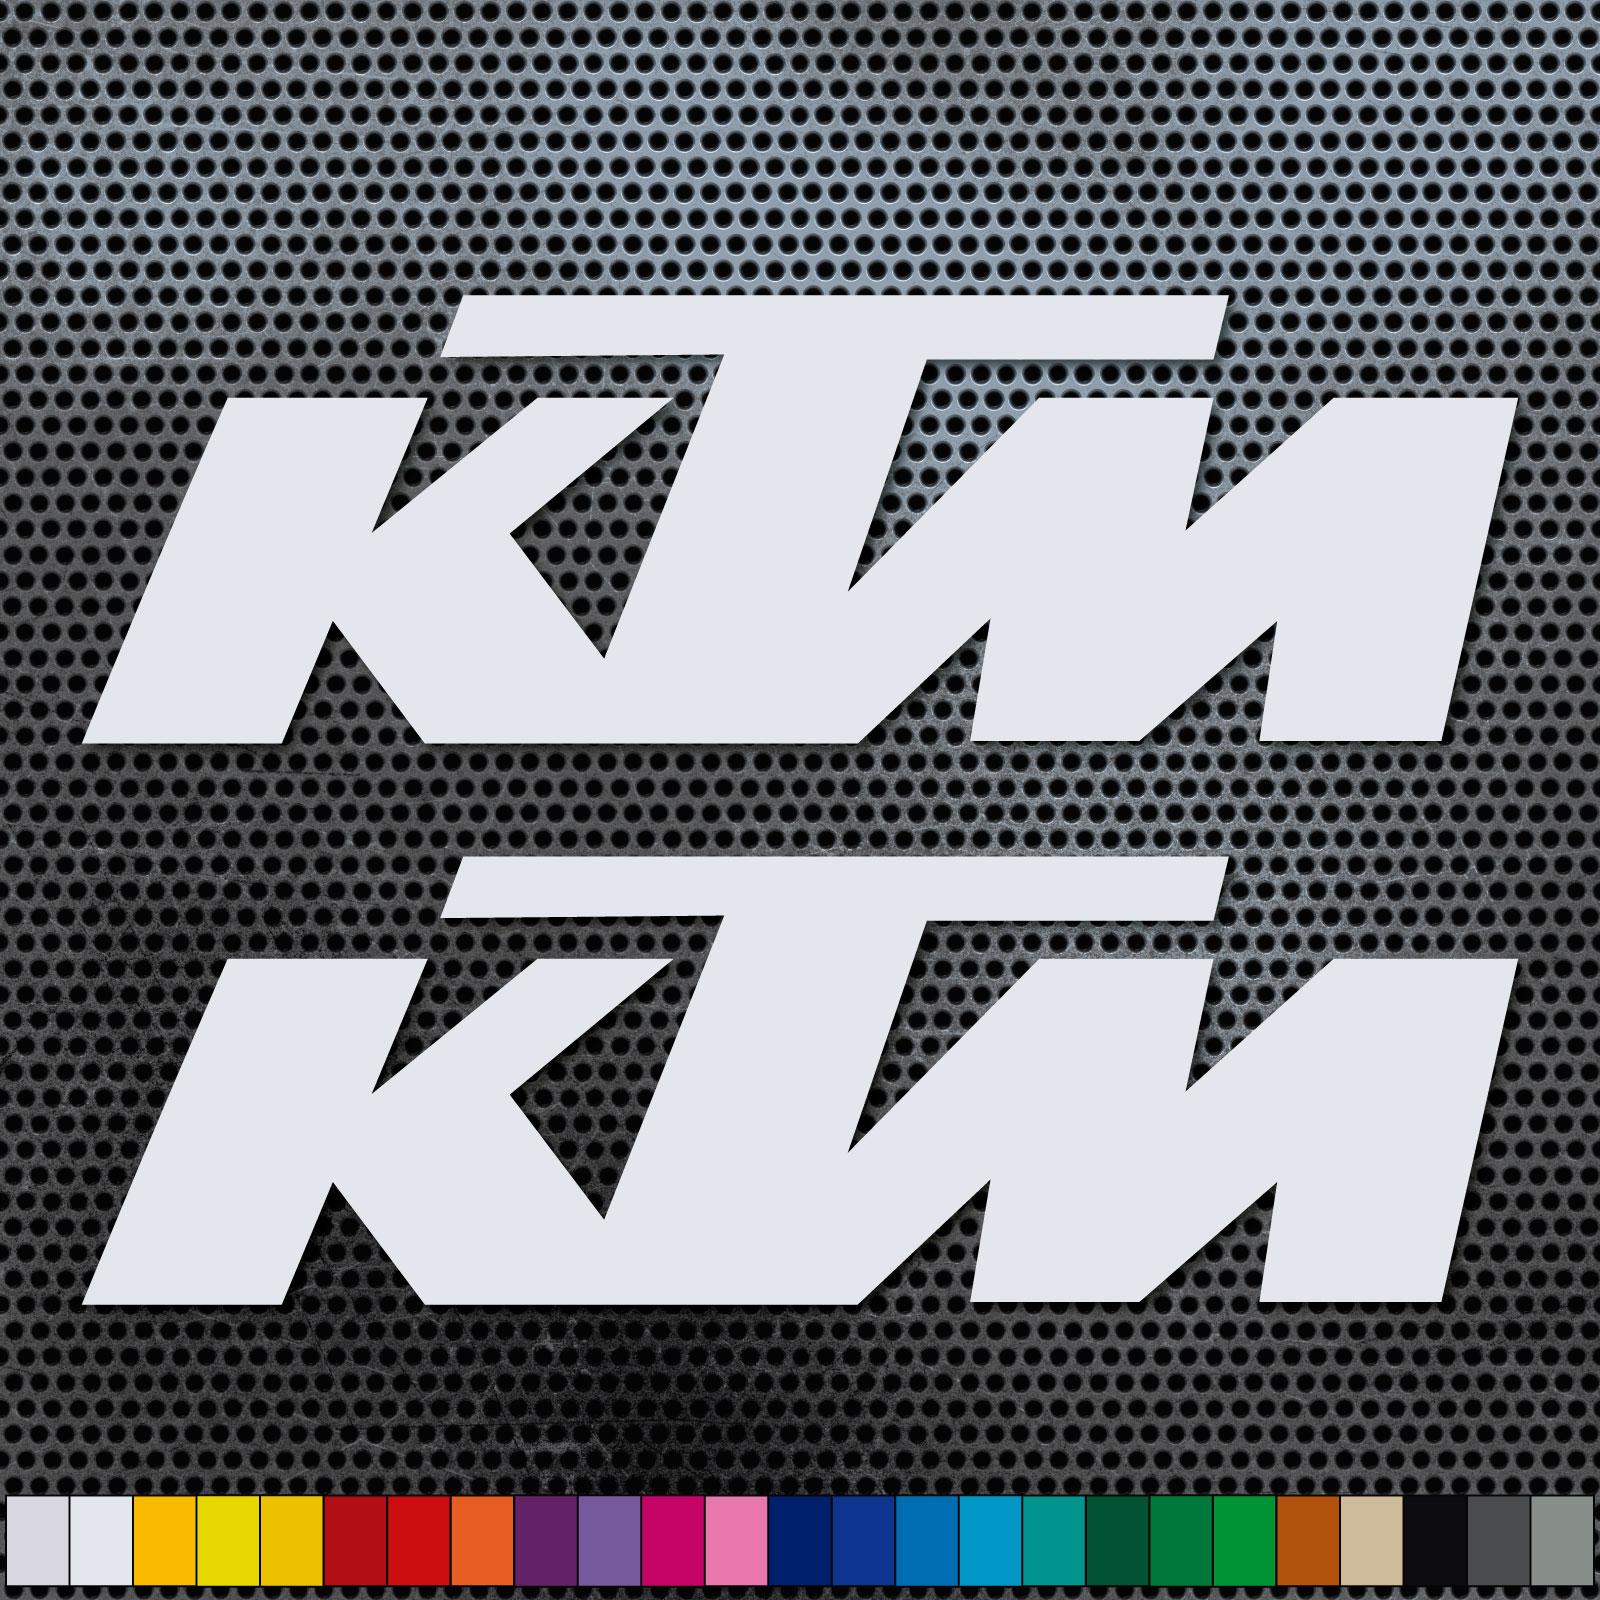 VINILO ADHESIVO KTM RACING, PEGATINA, LOGO, ADHESIVO, MOTO, STICKER, DECAL